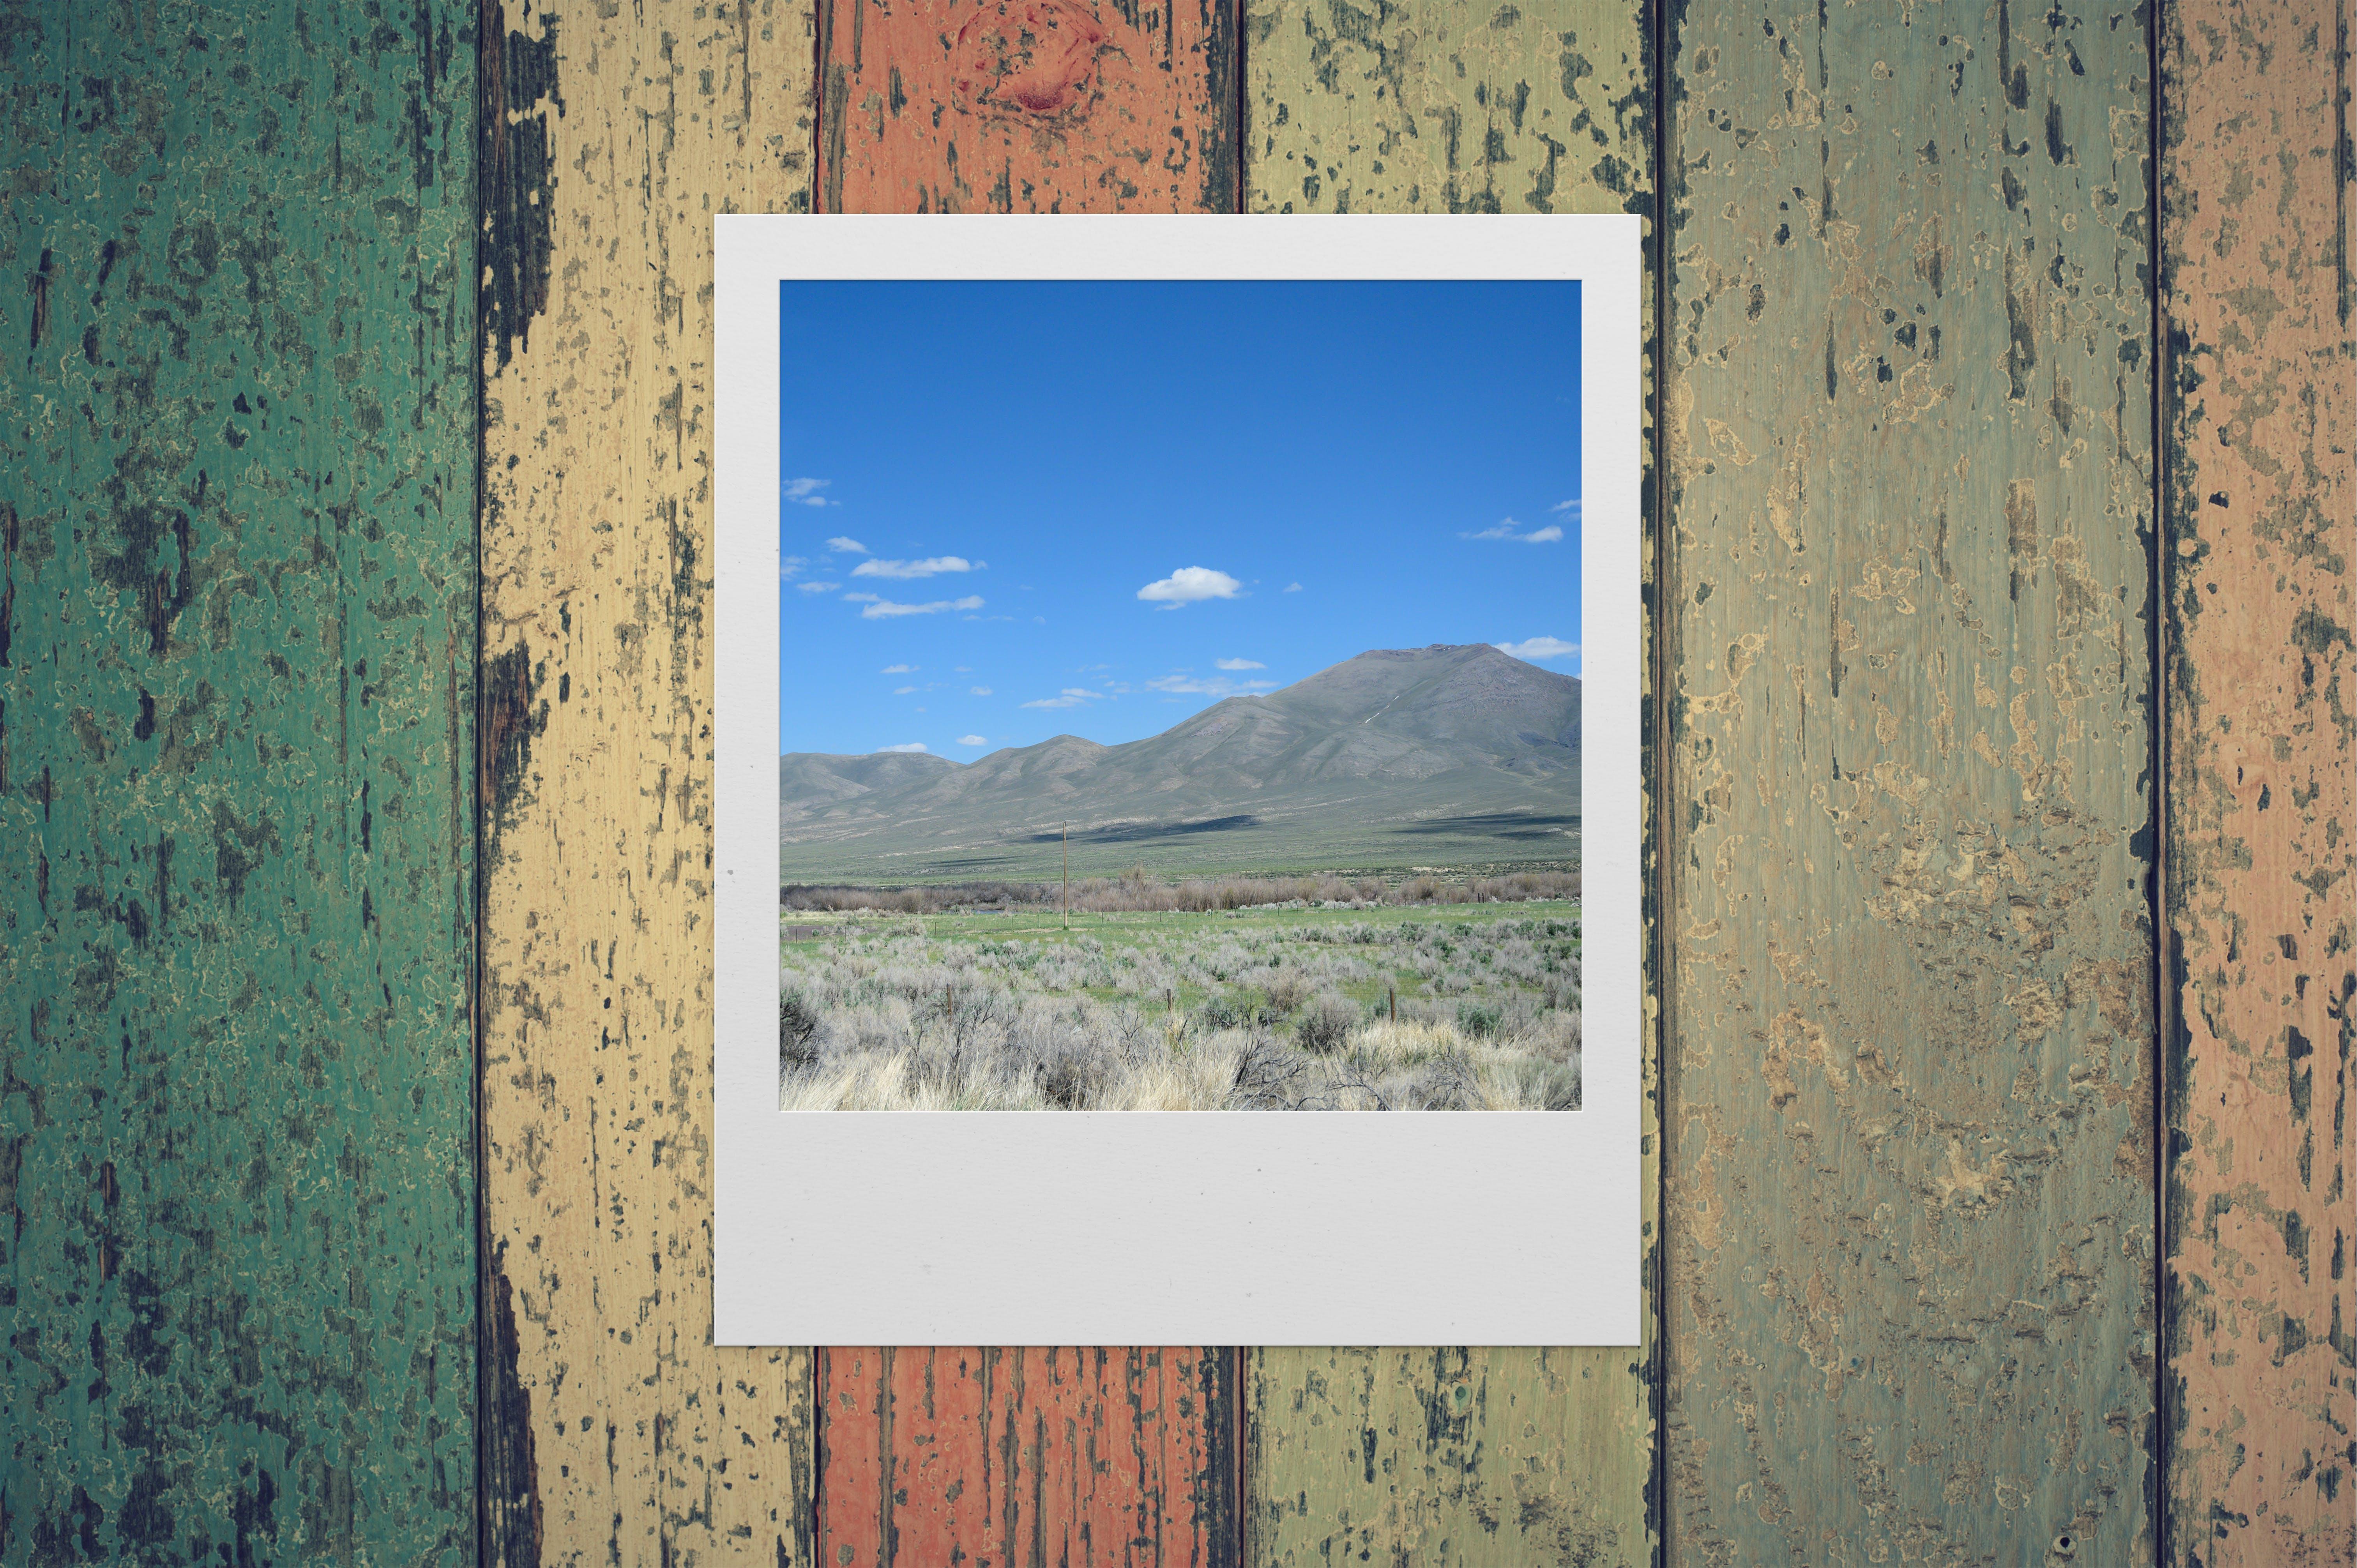 Gratis stockfoto met blanco, fotoframe, hout, klassiek